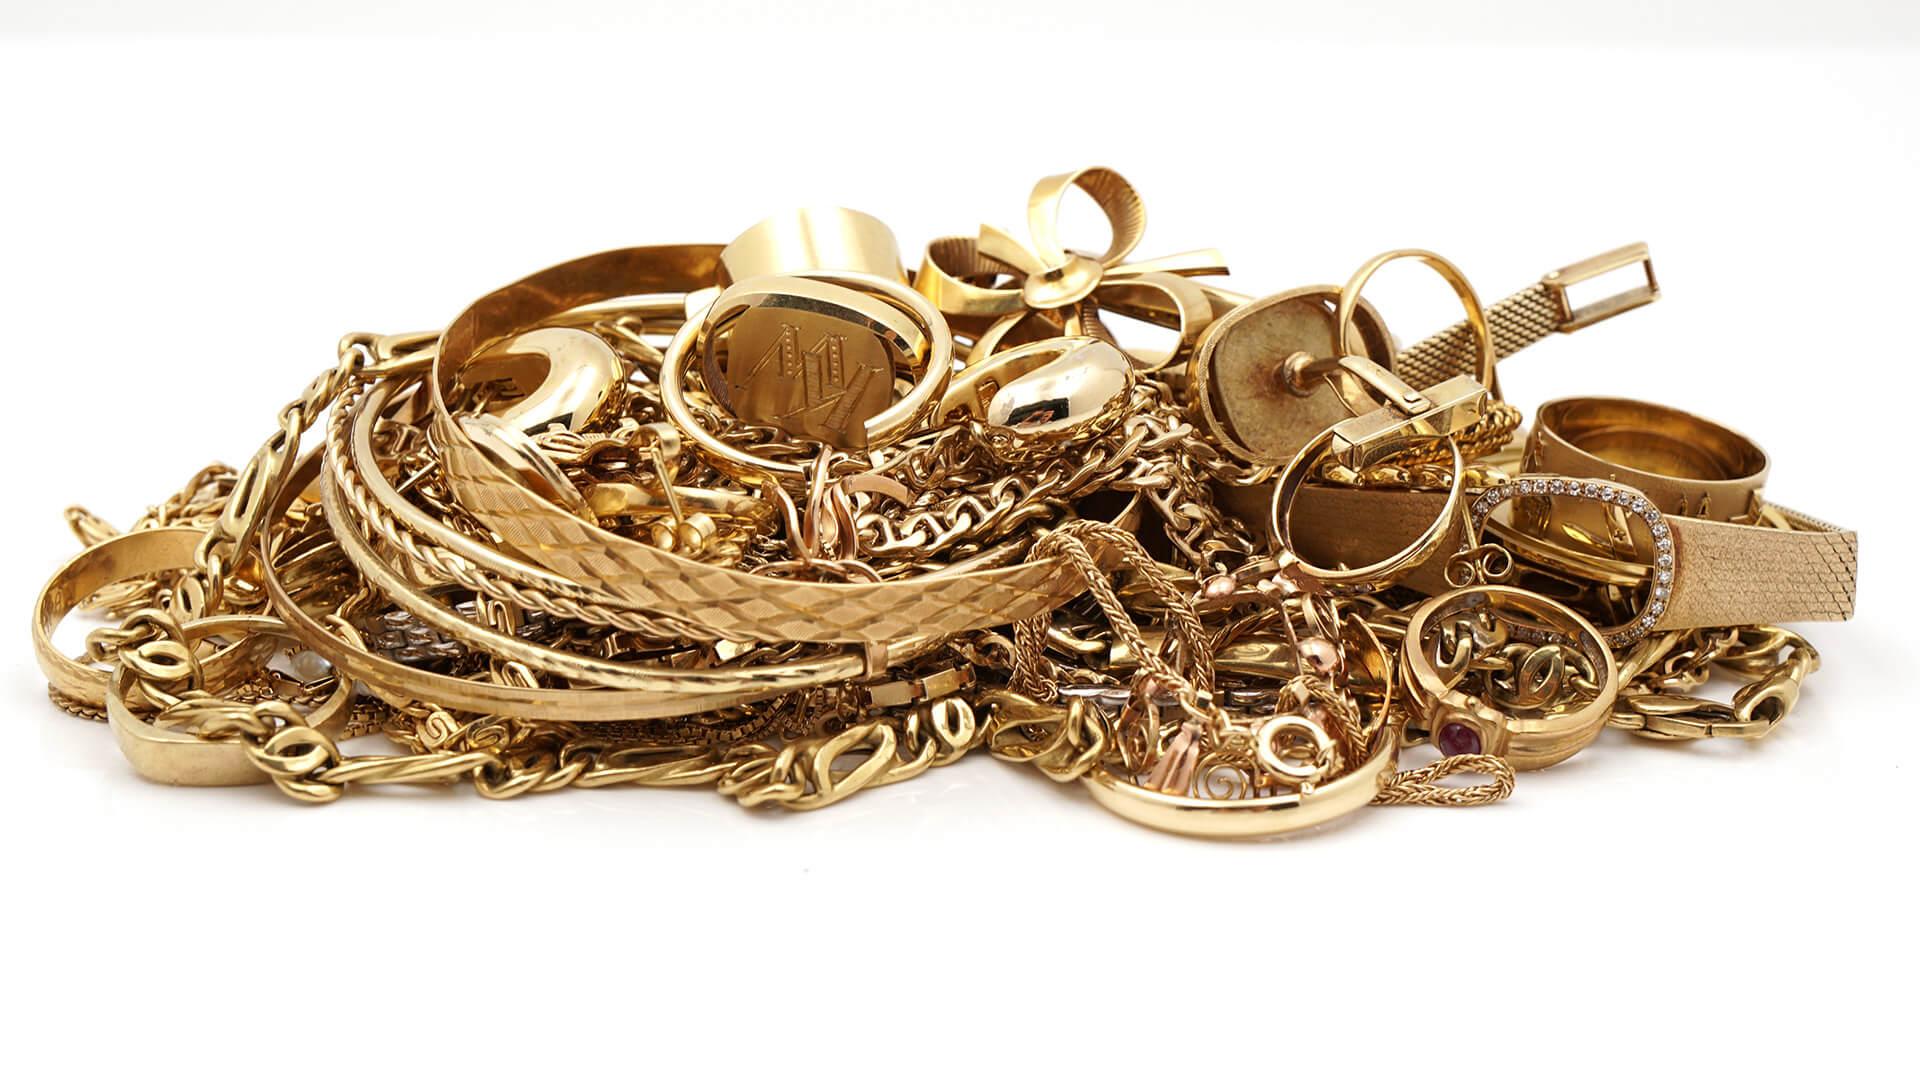 750 Gold verkaufen - 750 / 18 Karat Gold Ankauf - Simply Way